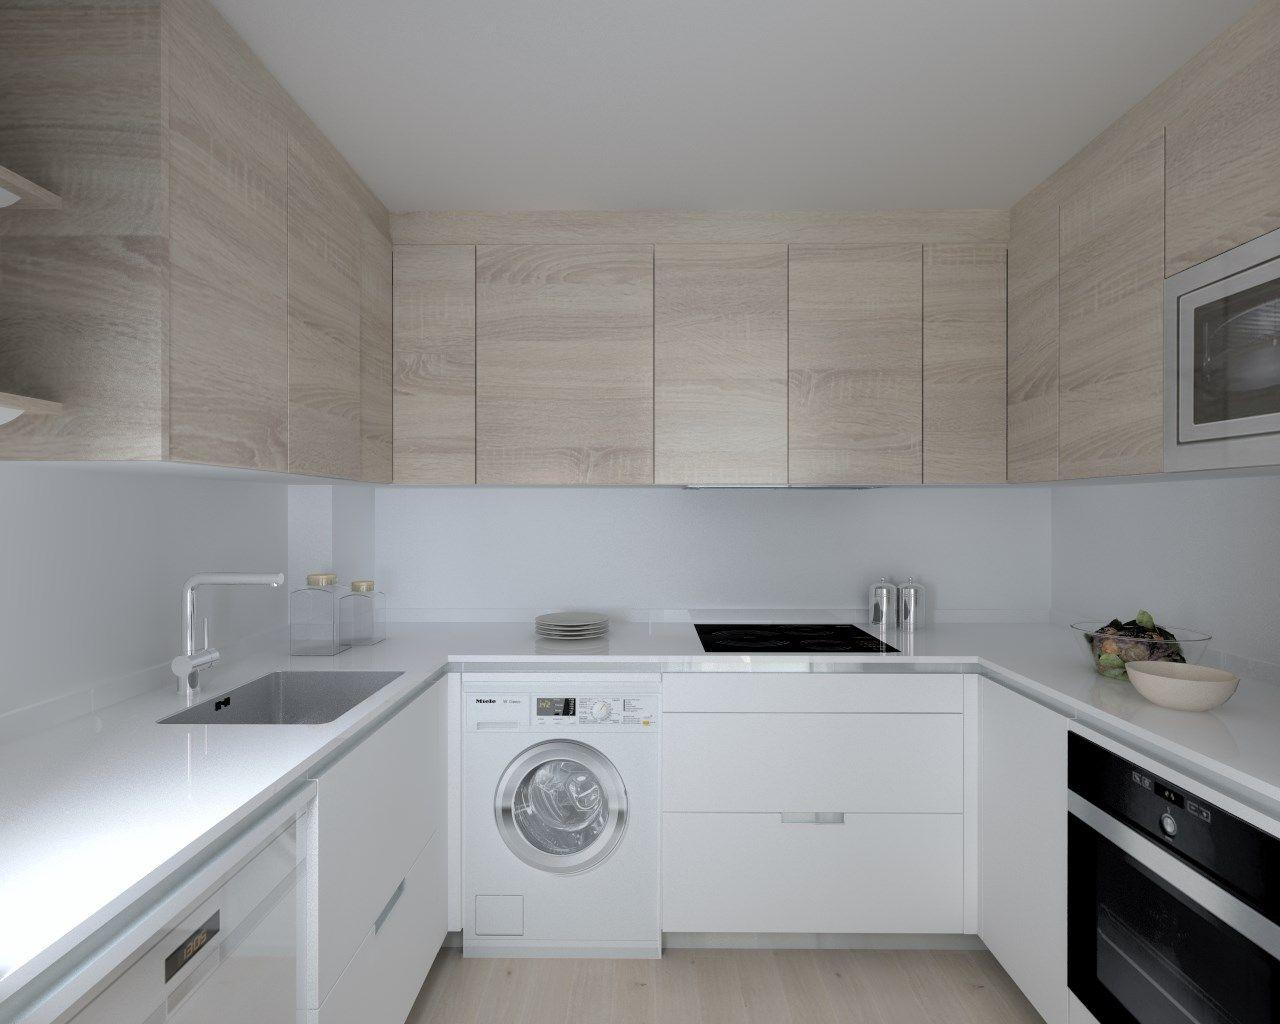 Proyectos de cocina en madrid cocinas dc pinterest for Cocinas claras modernas